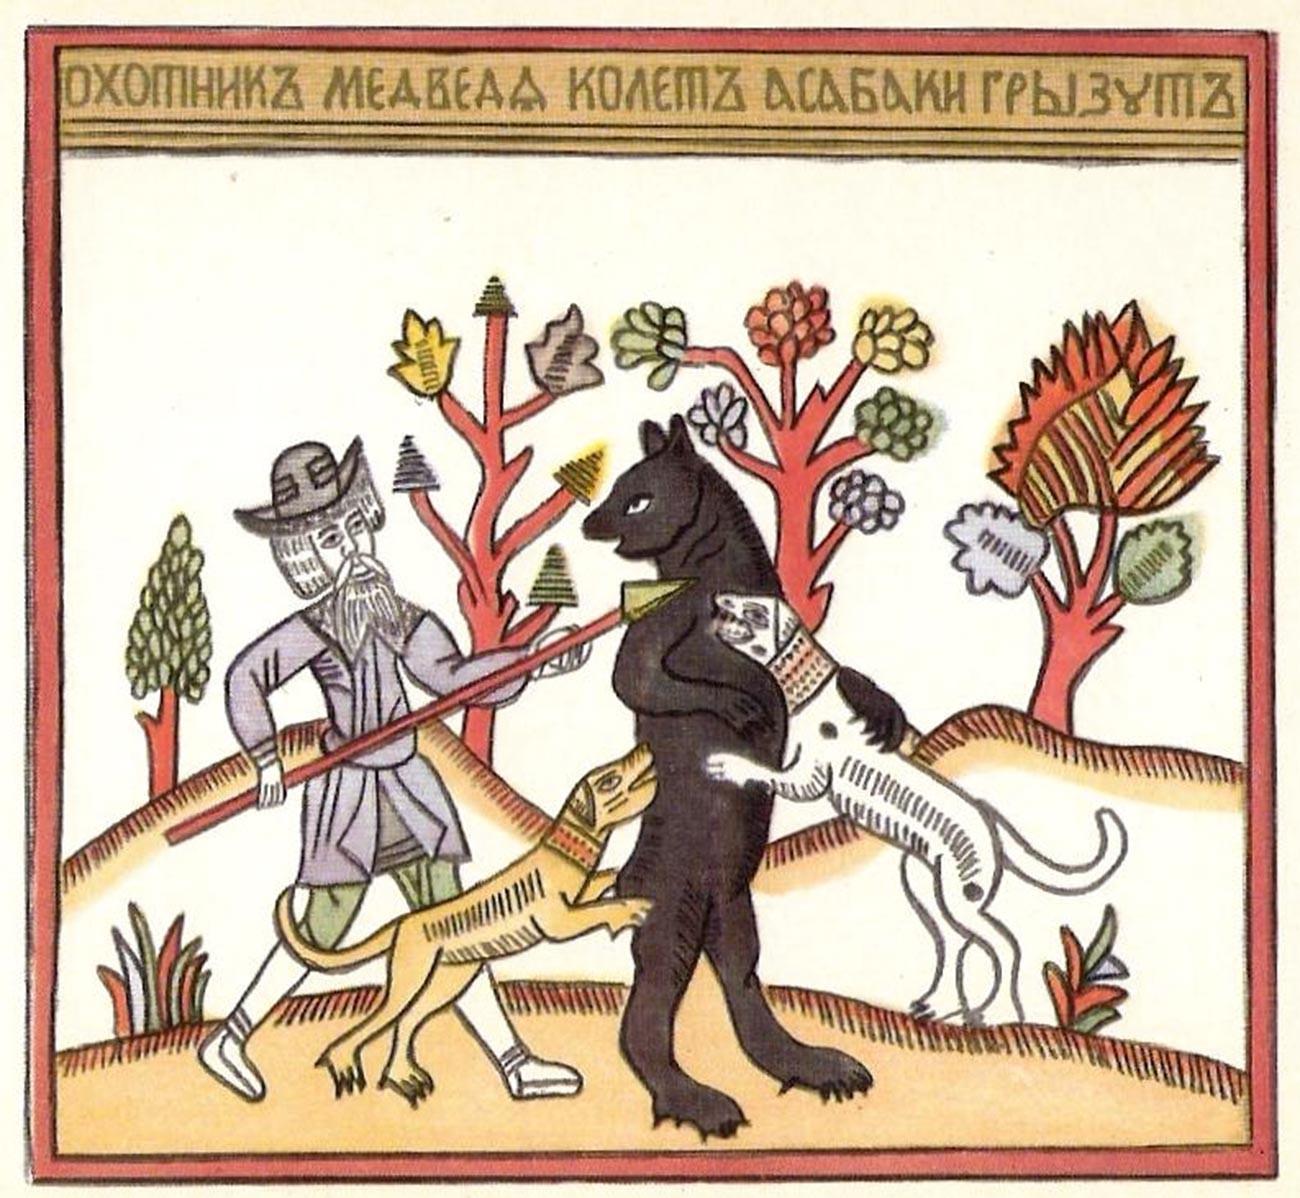 熊狩りを示す民衆版画「ルボーク」